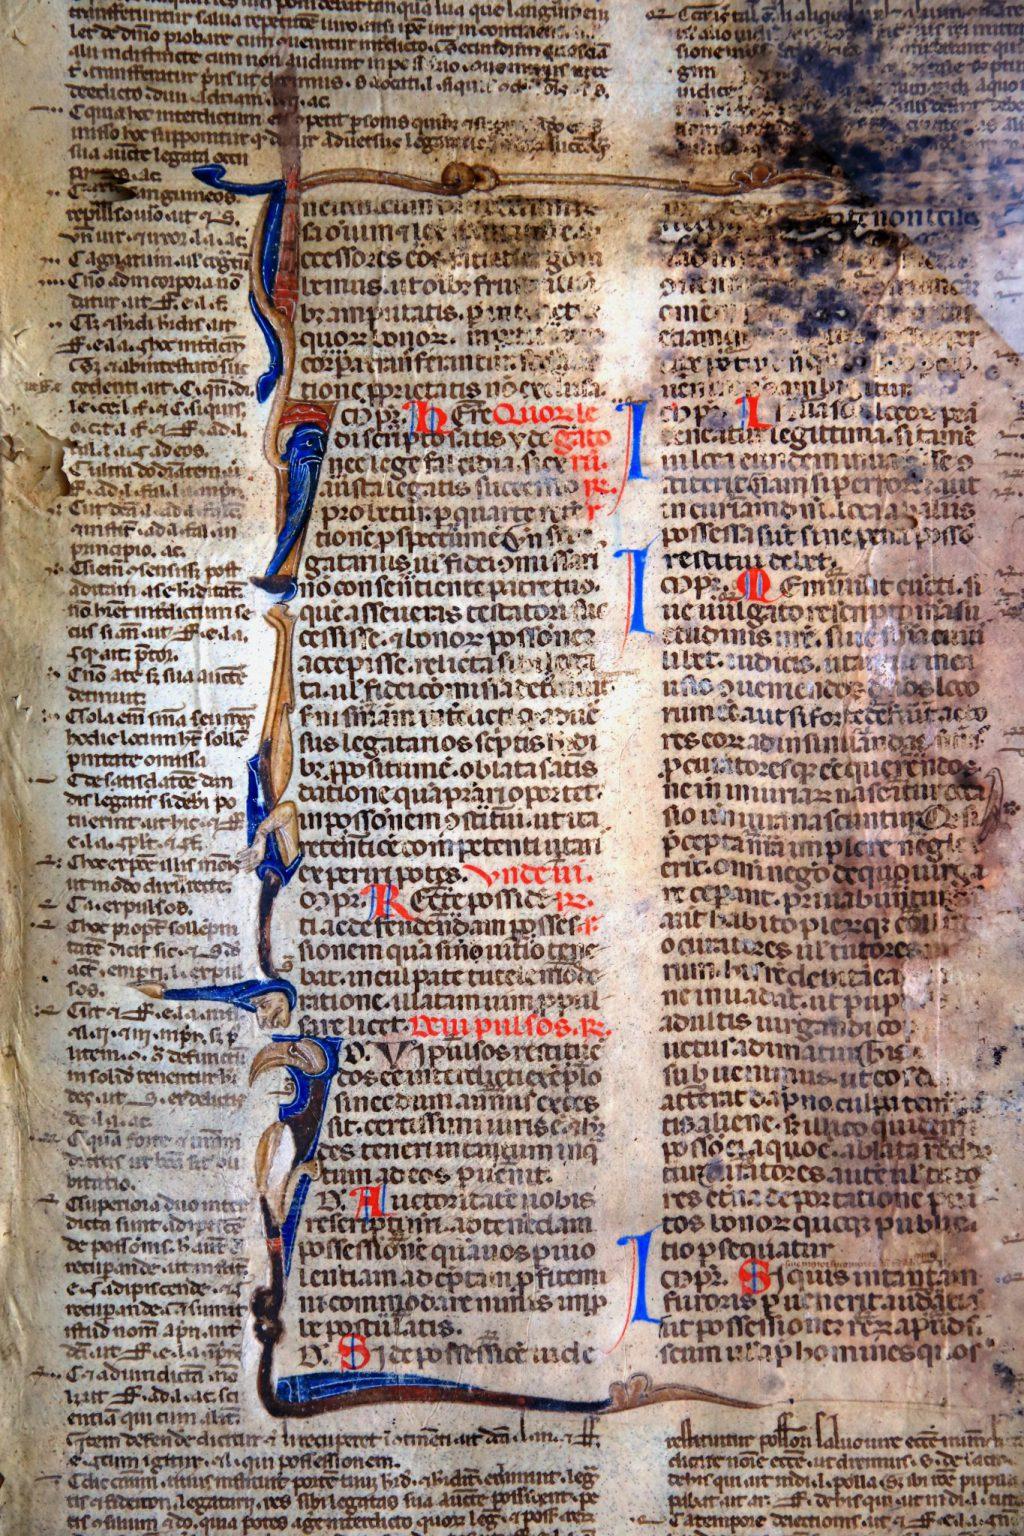 Met bladgoud versierd fragment van een perkamenten handschrift, gebruikt als omslag voor een gasthuisrekening (Archief 97, inv.nr 344)